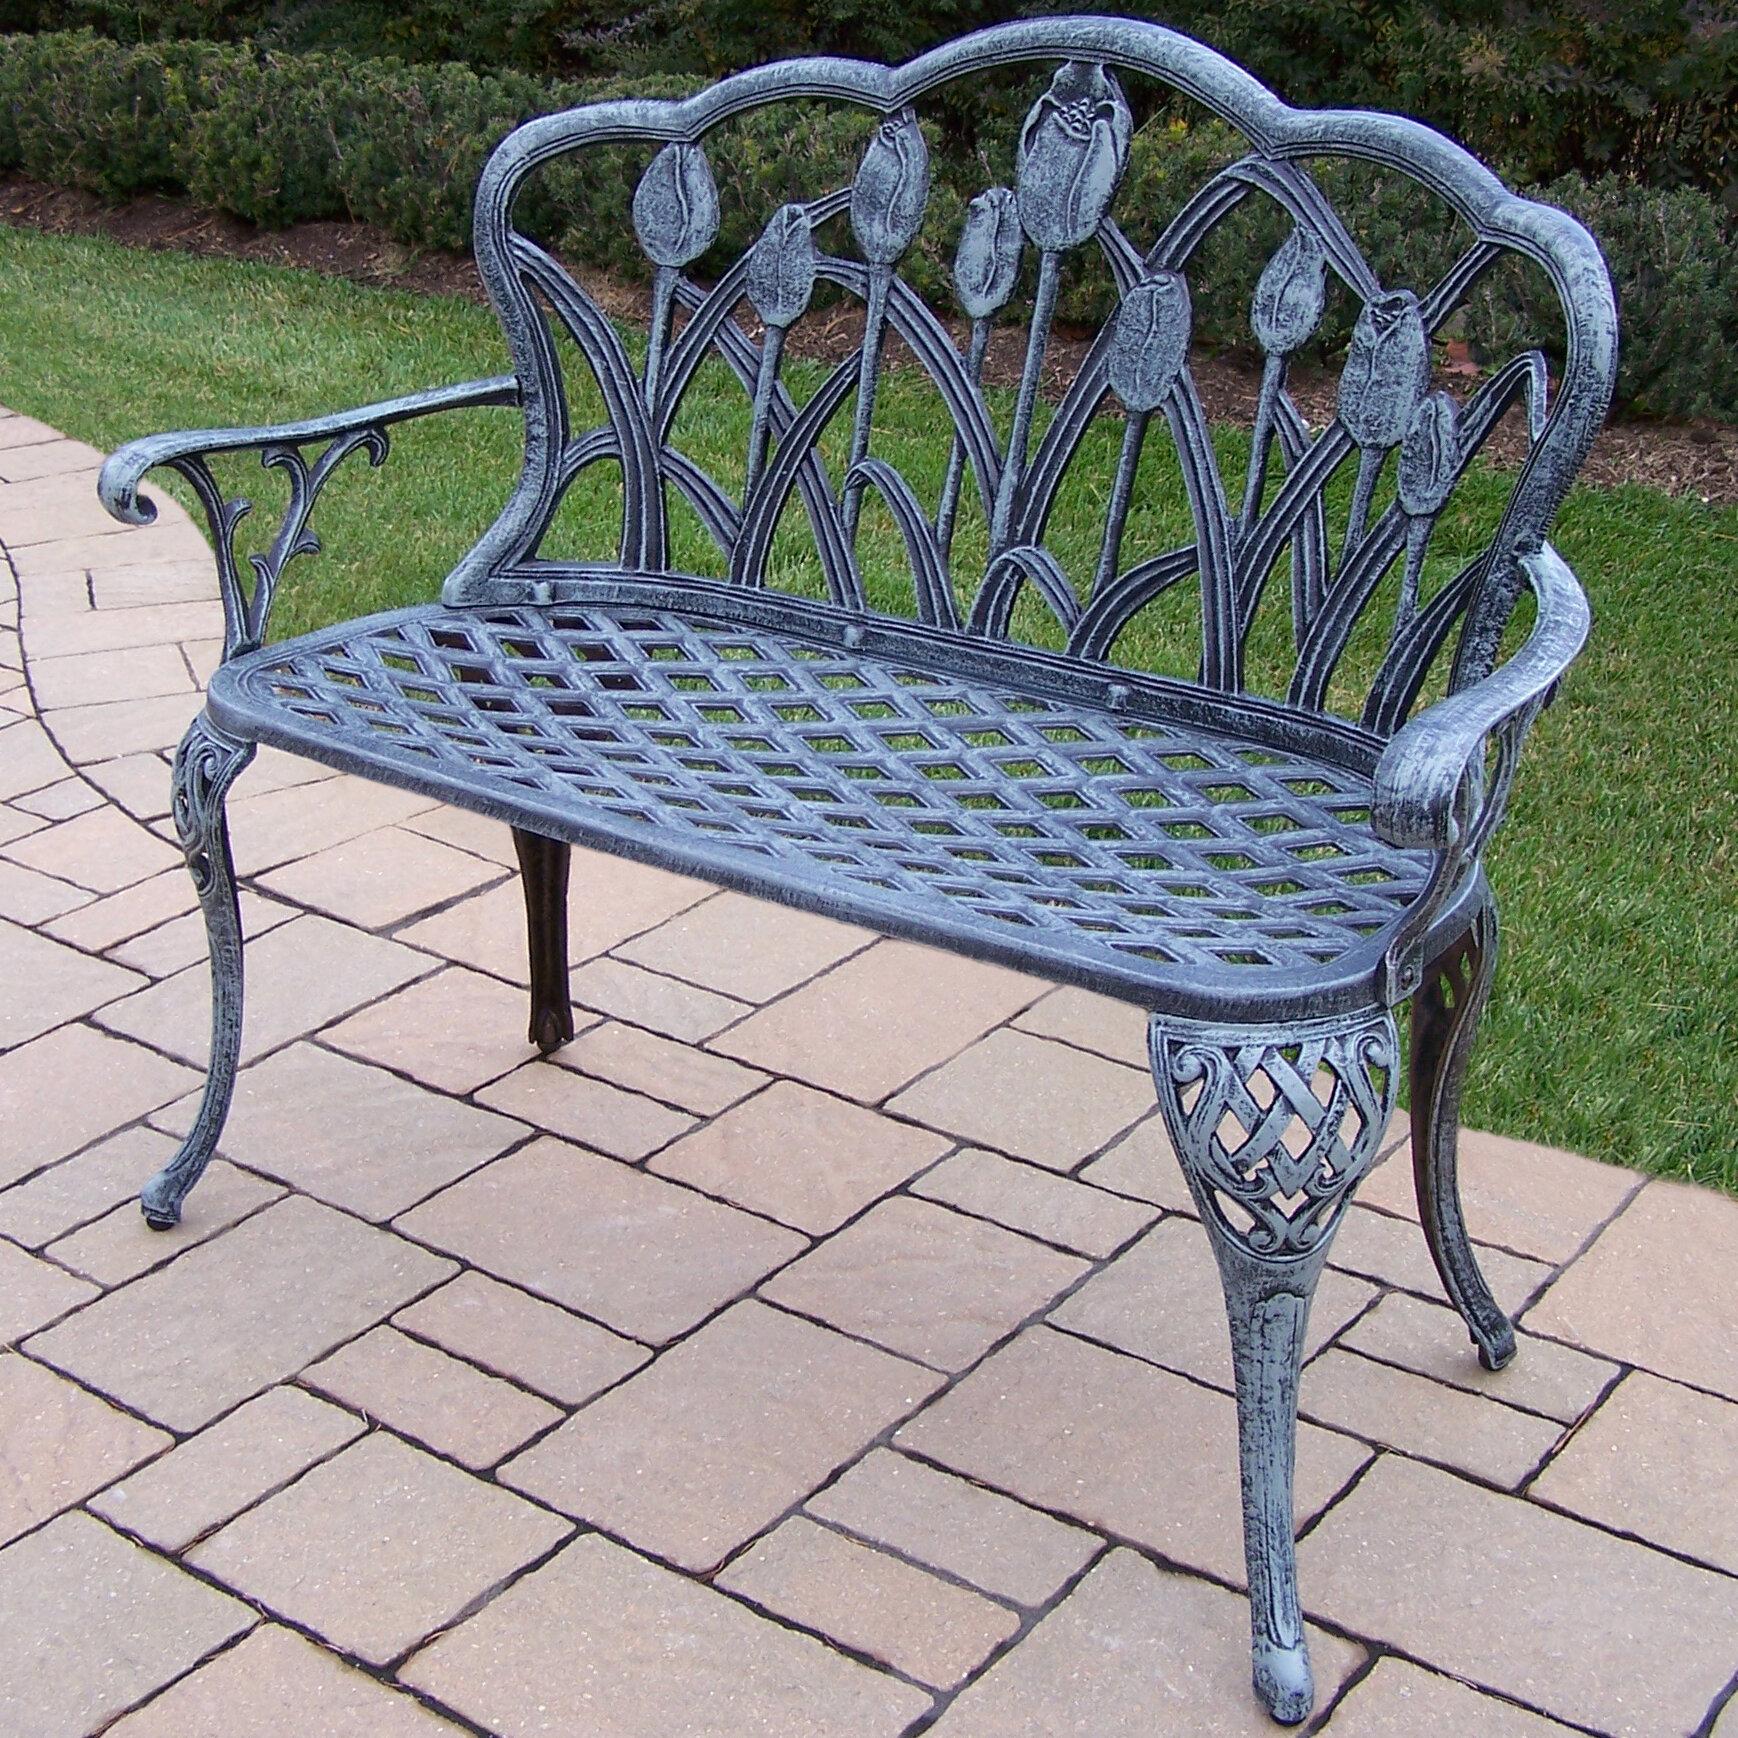 Farrior Aluminum Garden Bench With Regard To Montezuma Cast Aluminum Garden Benches (View 6 of 25)